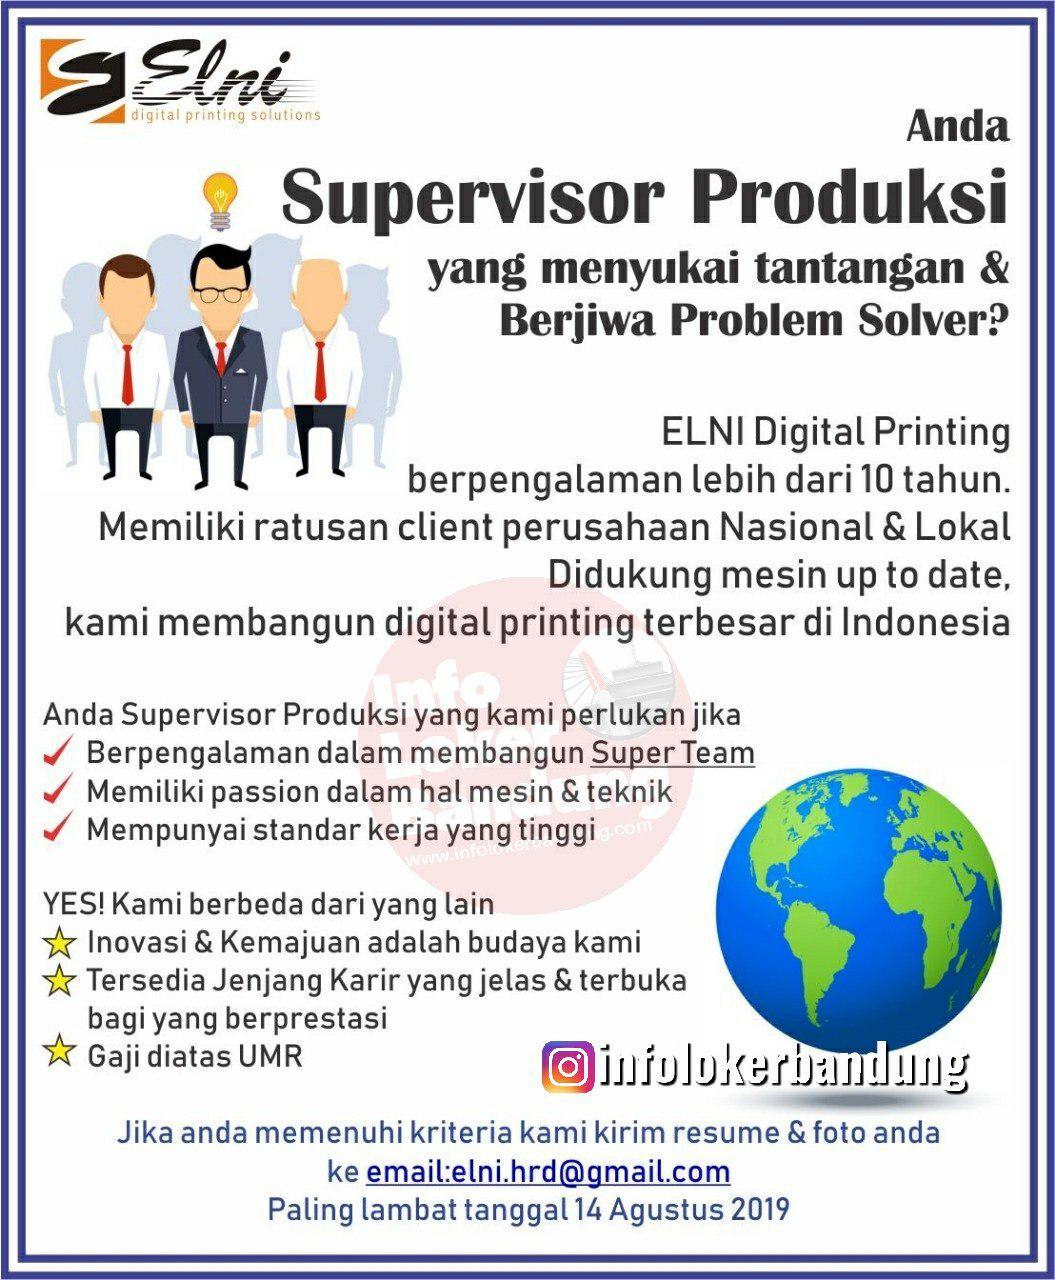 Lowongan Kerja Supervisor Produksi PT. Elni Digital Printing Bandung Agustus 2019